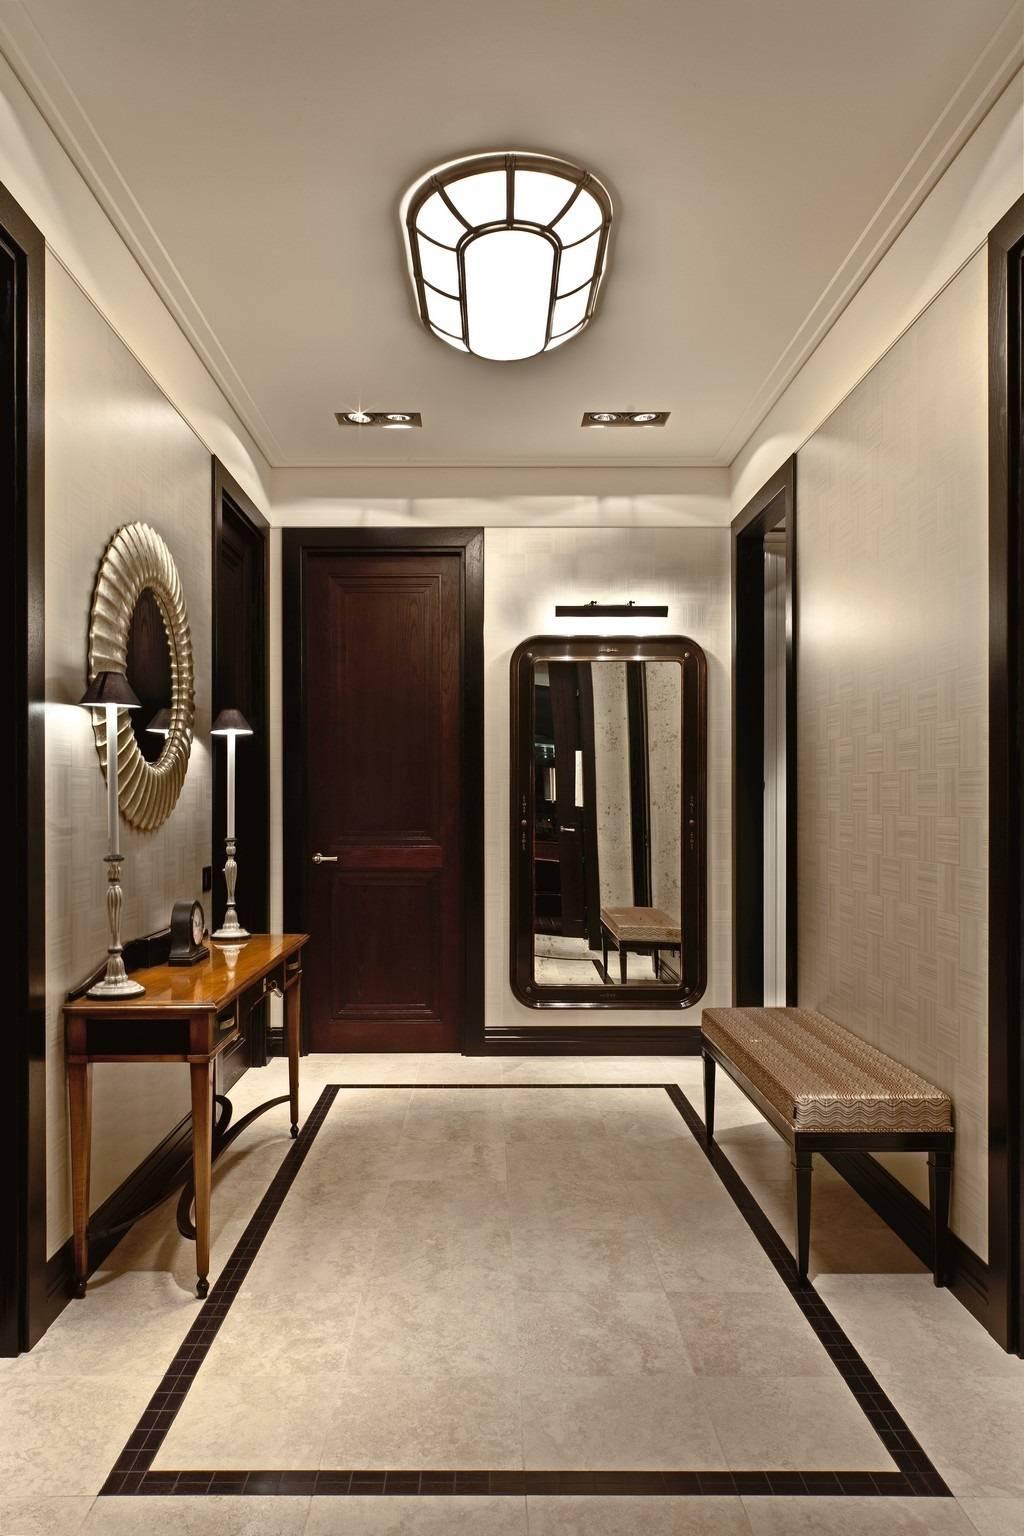 Зеркало по фен шуй: притягиваем положительную энергию в дом